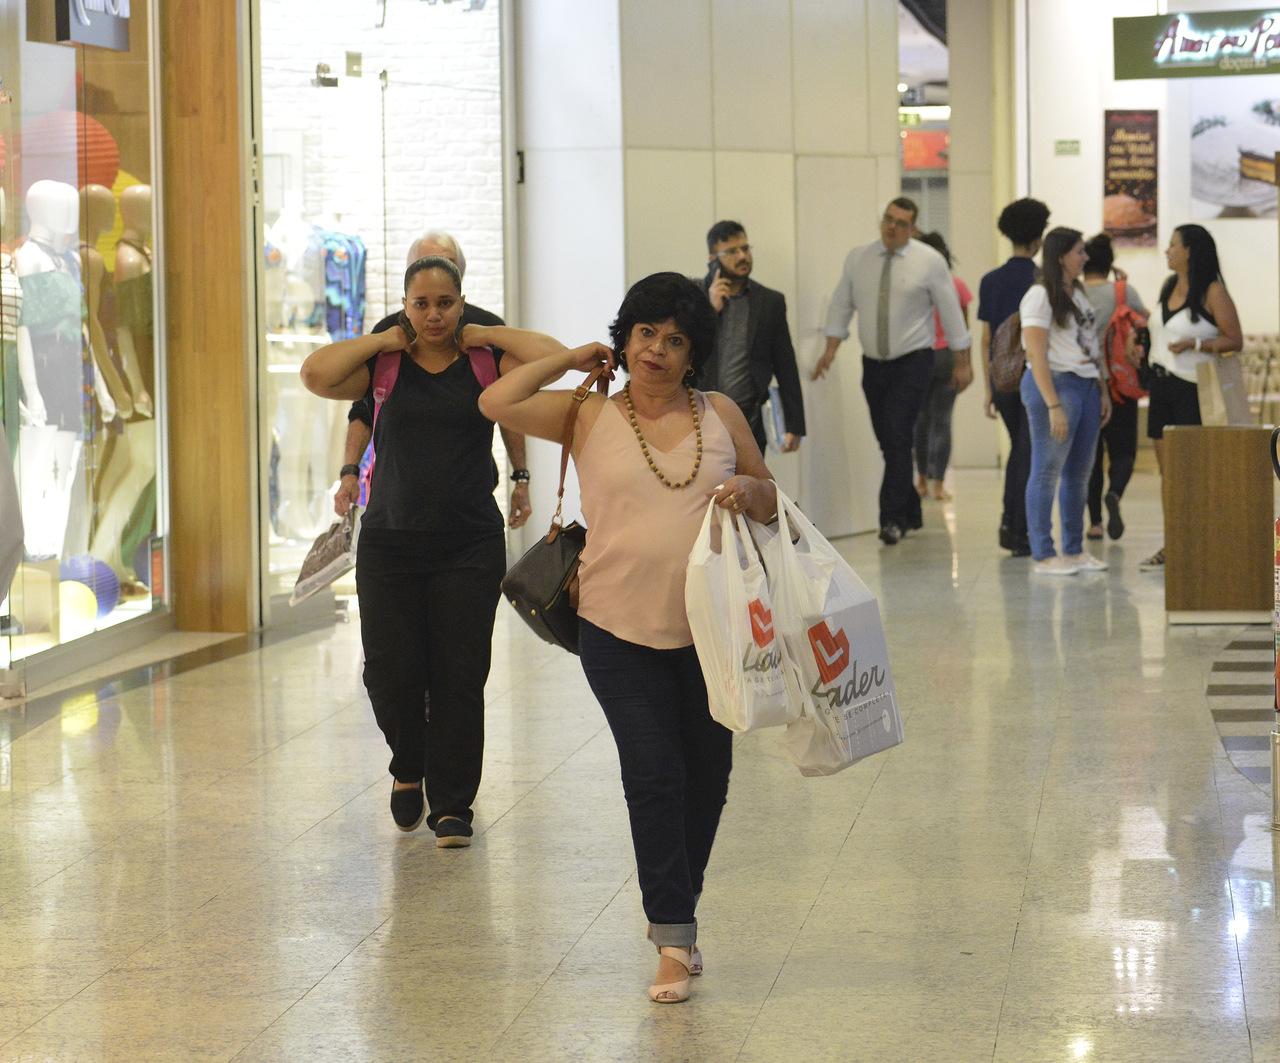 Liquidação no shopping Praia da Costa começa amanhã. Foto: Chico Guedes